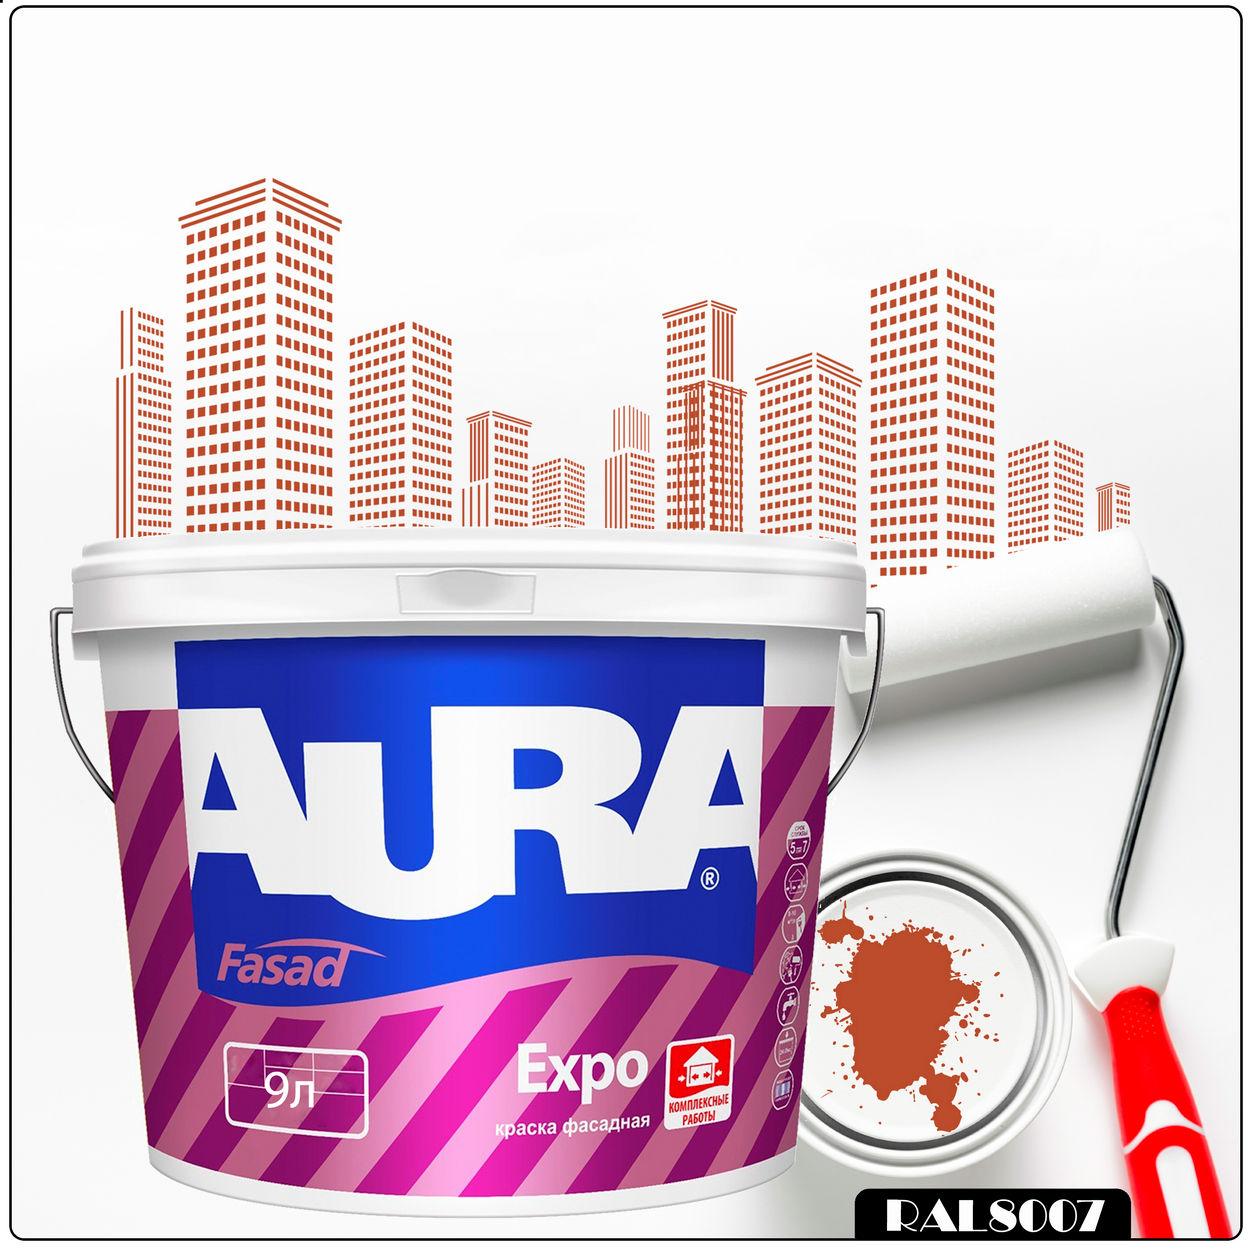 Фото 6 - Краска Aura Fasad Expo, RAL 8007 Коричневый-олень, матовая, для фасадов и помещений с повышенной влажностью, 9л.